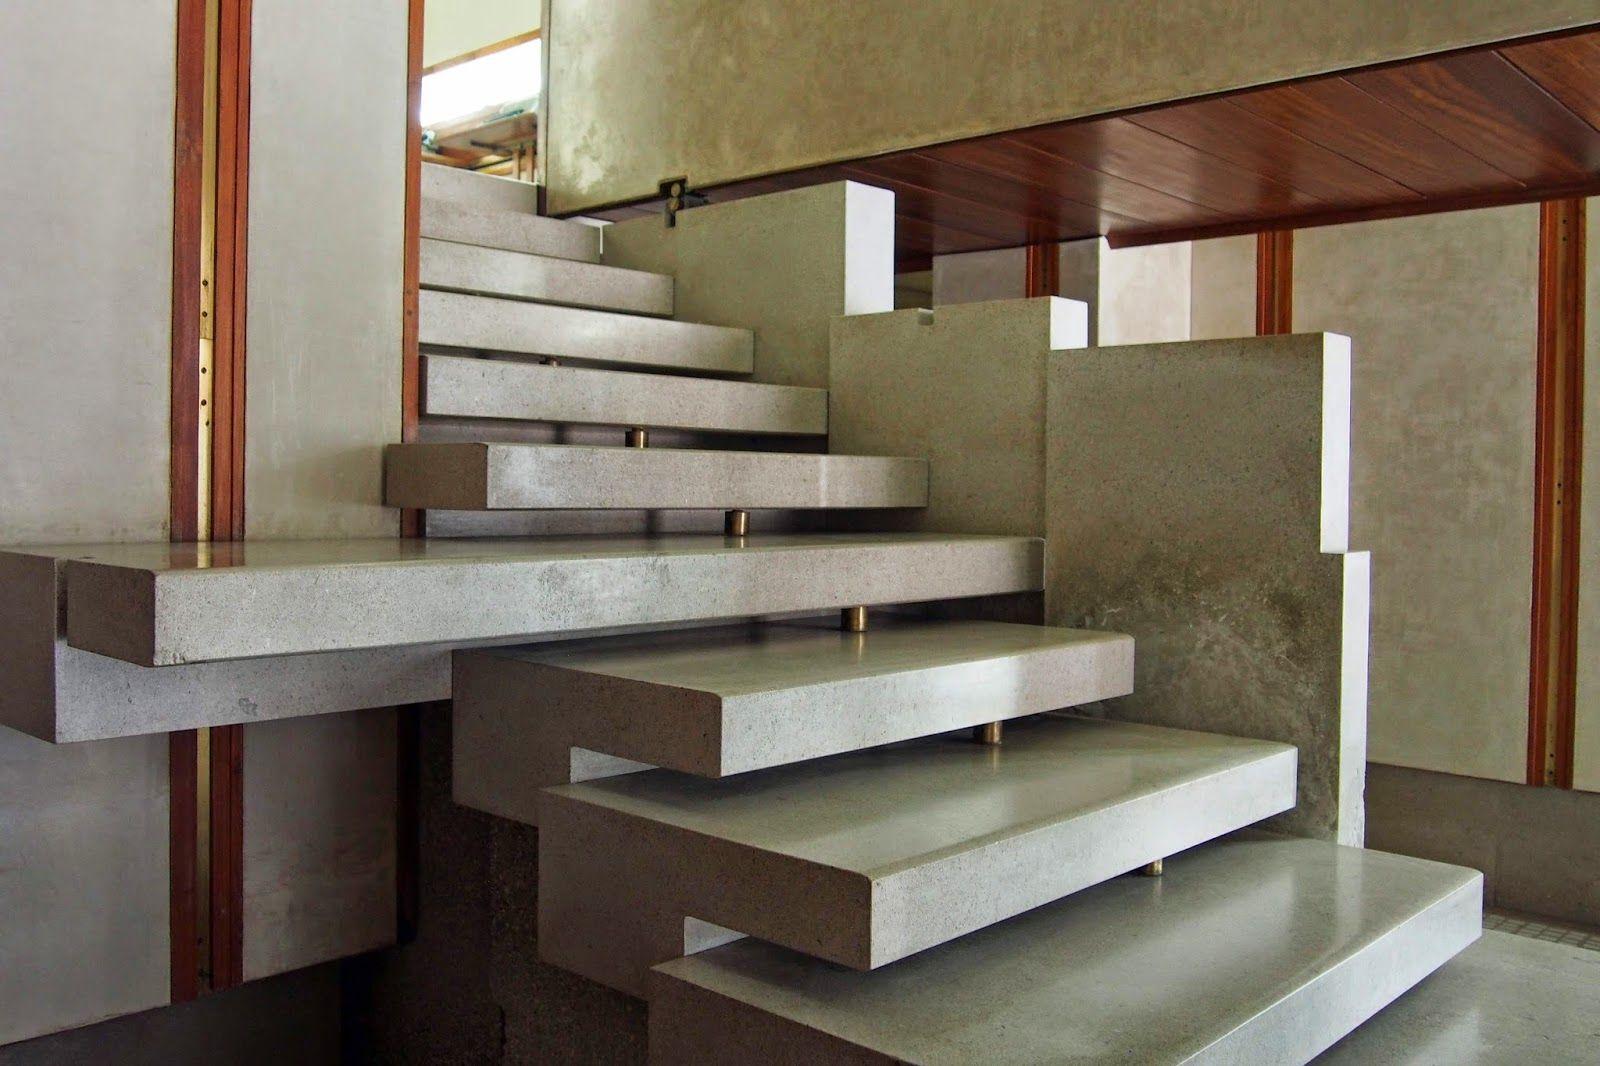 carlo scarpa stairs - Pesquisa Google